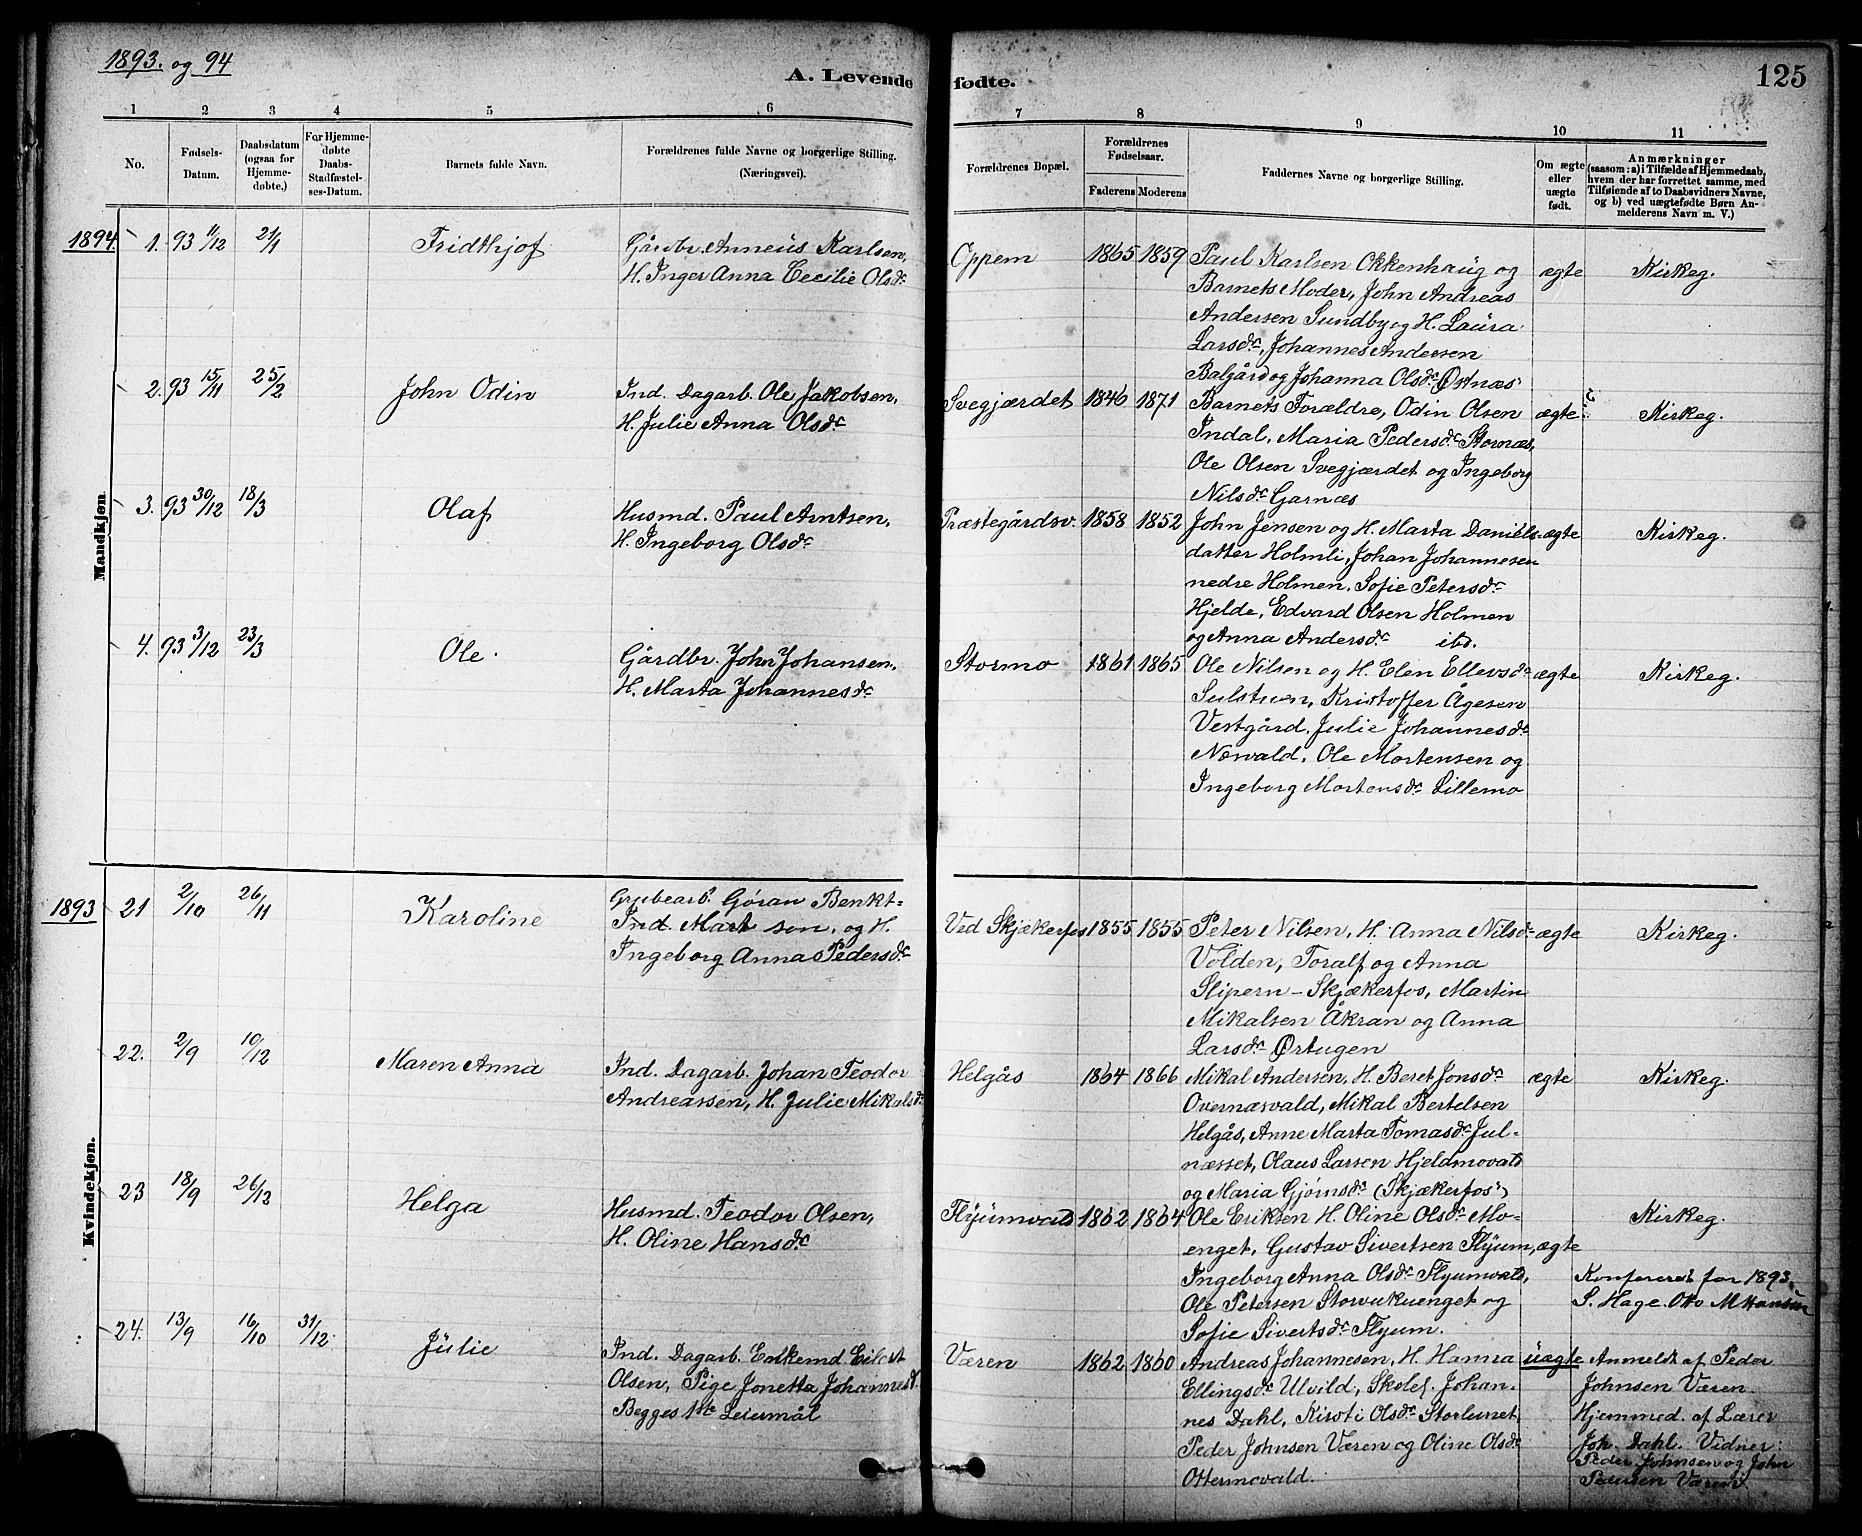 SAT, Ministerialprotokoller, klokkerbøker og fødselsregistre - Nord-Trøndelag, 724/L0267: Klokkerbok nr. 724C03, 1879-1898, s. 125